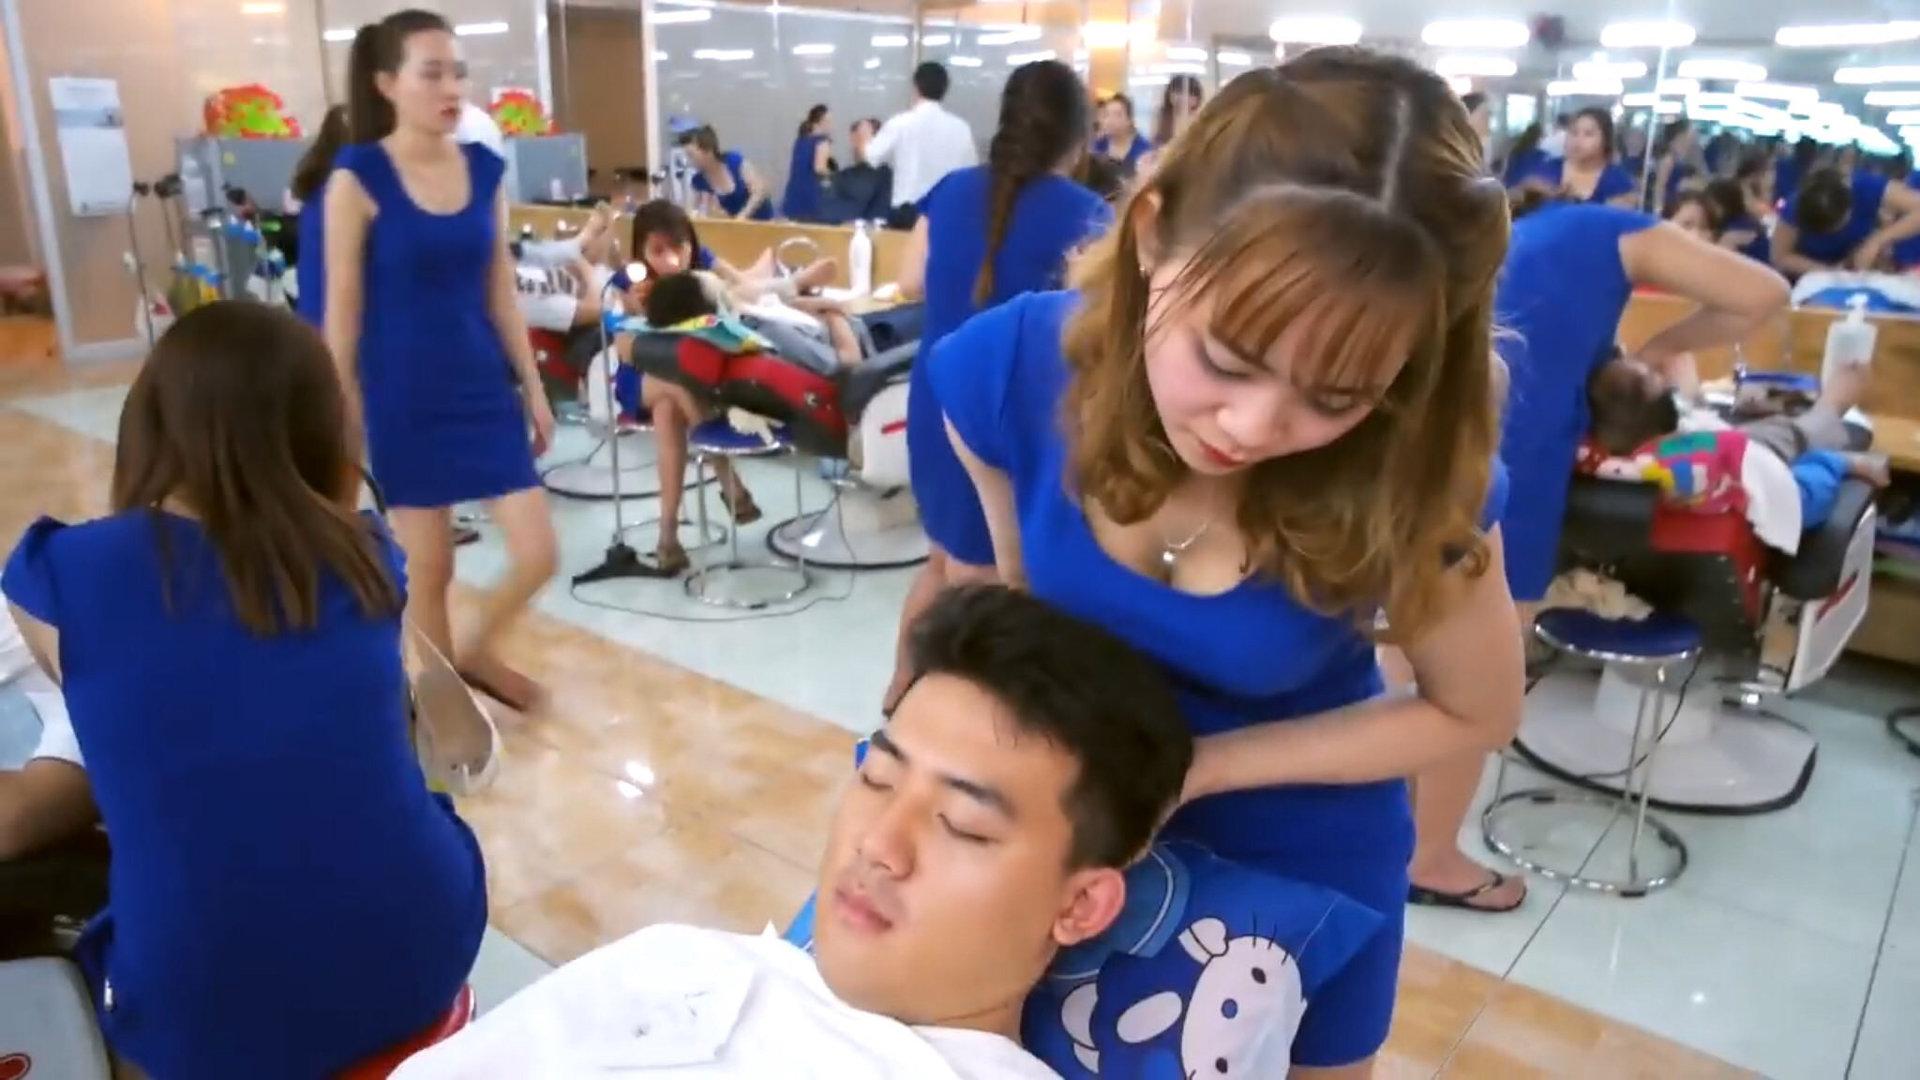 1000円で体験できるエロサービスが凄すぎる理髪店wwwwwww(画像あり)・3枚目